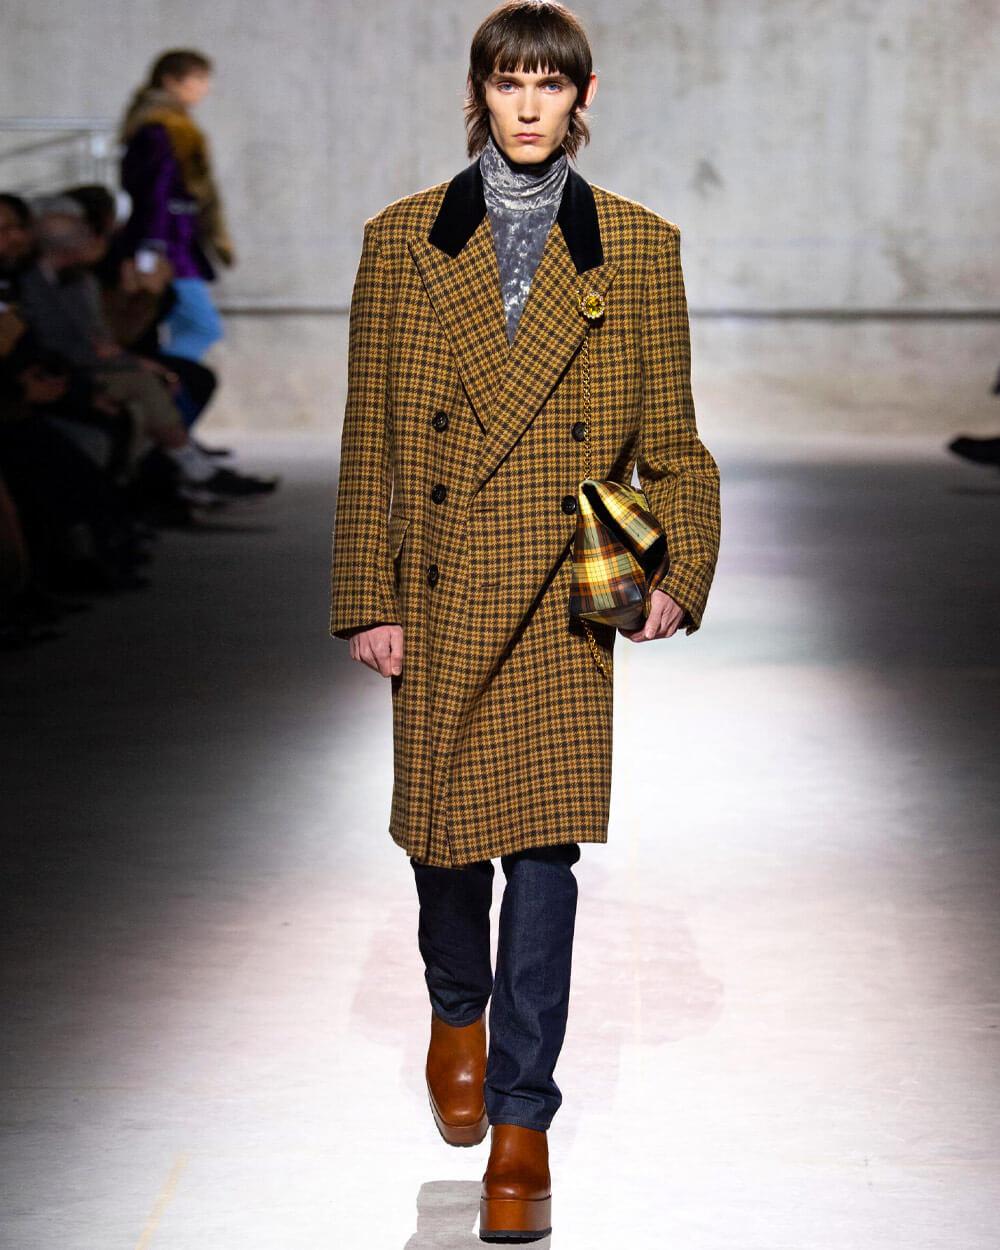 Dries Van Noten high heels for men at paris fashion week fall 2020